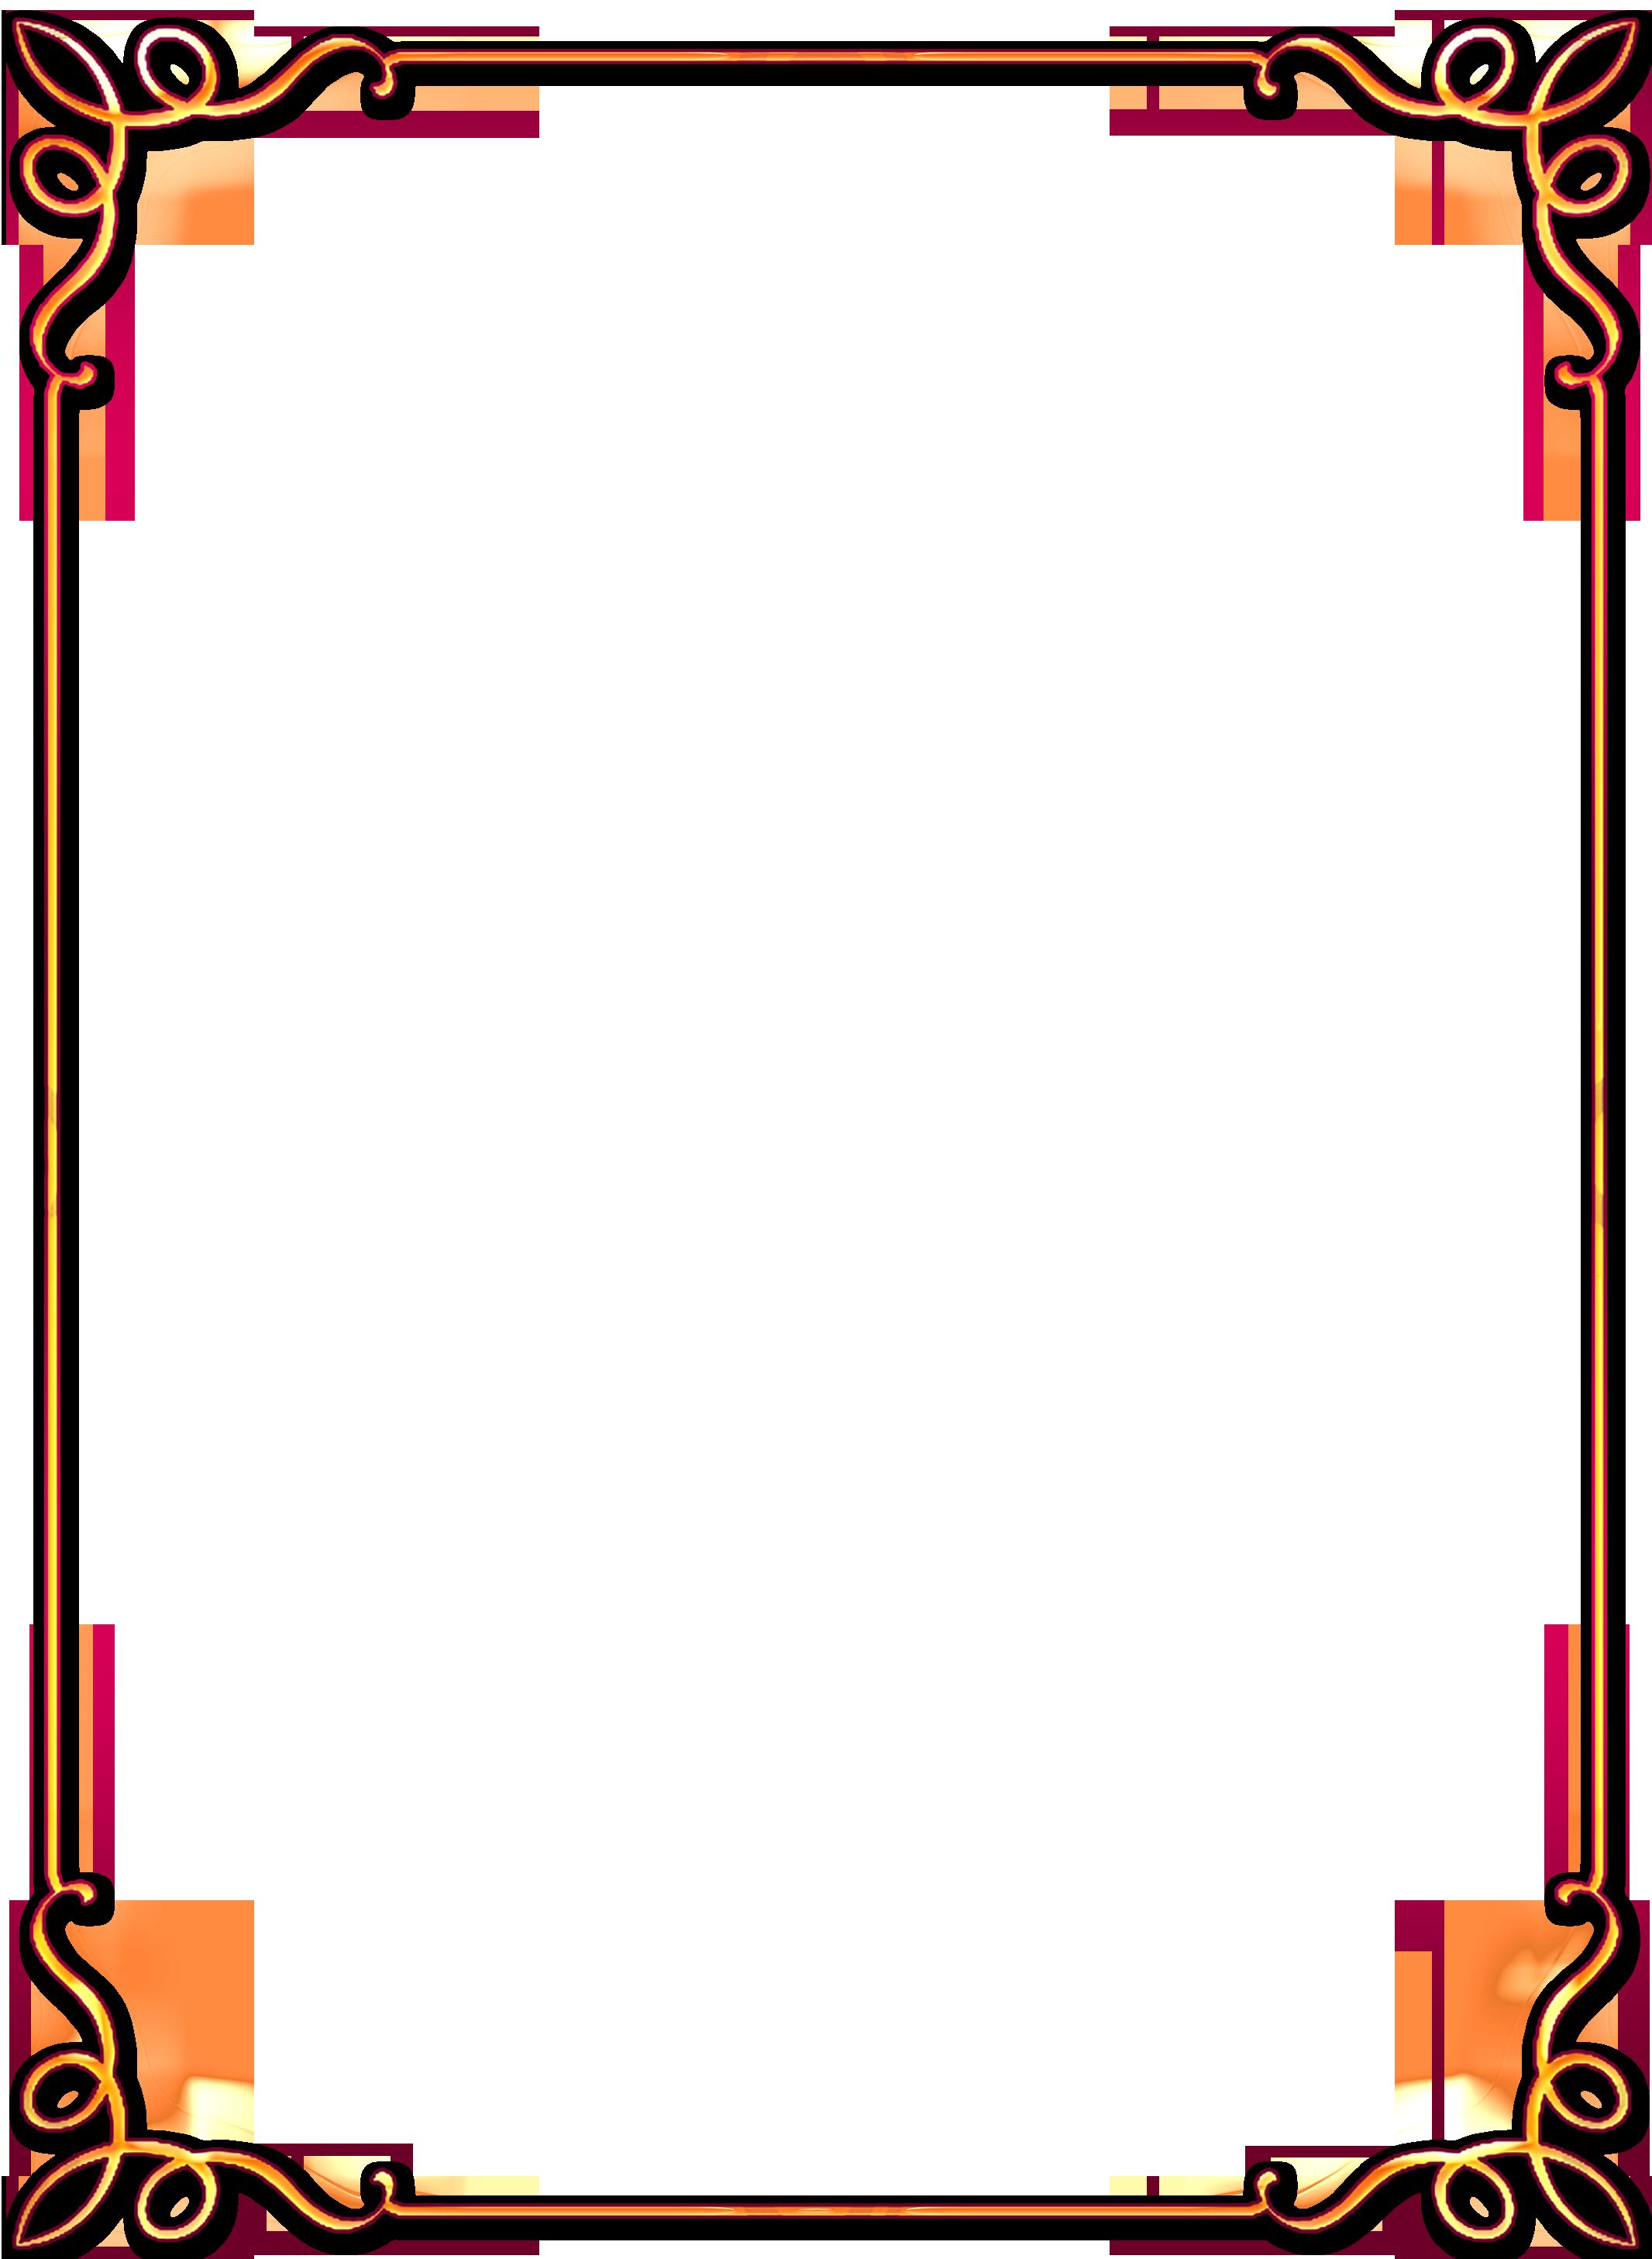 Как сделать рамку рамки для оформления текста